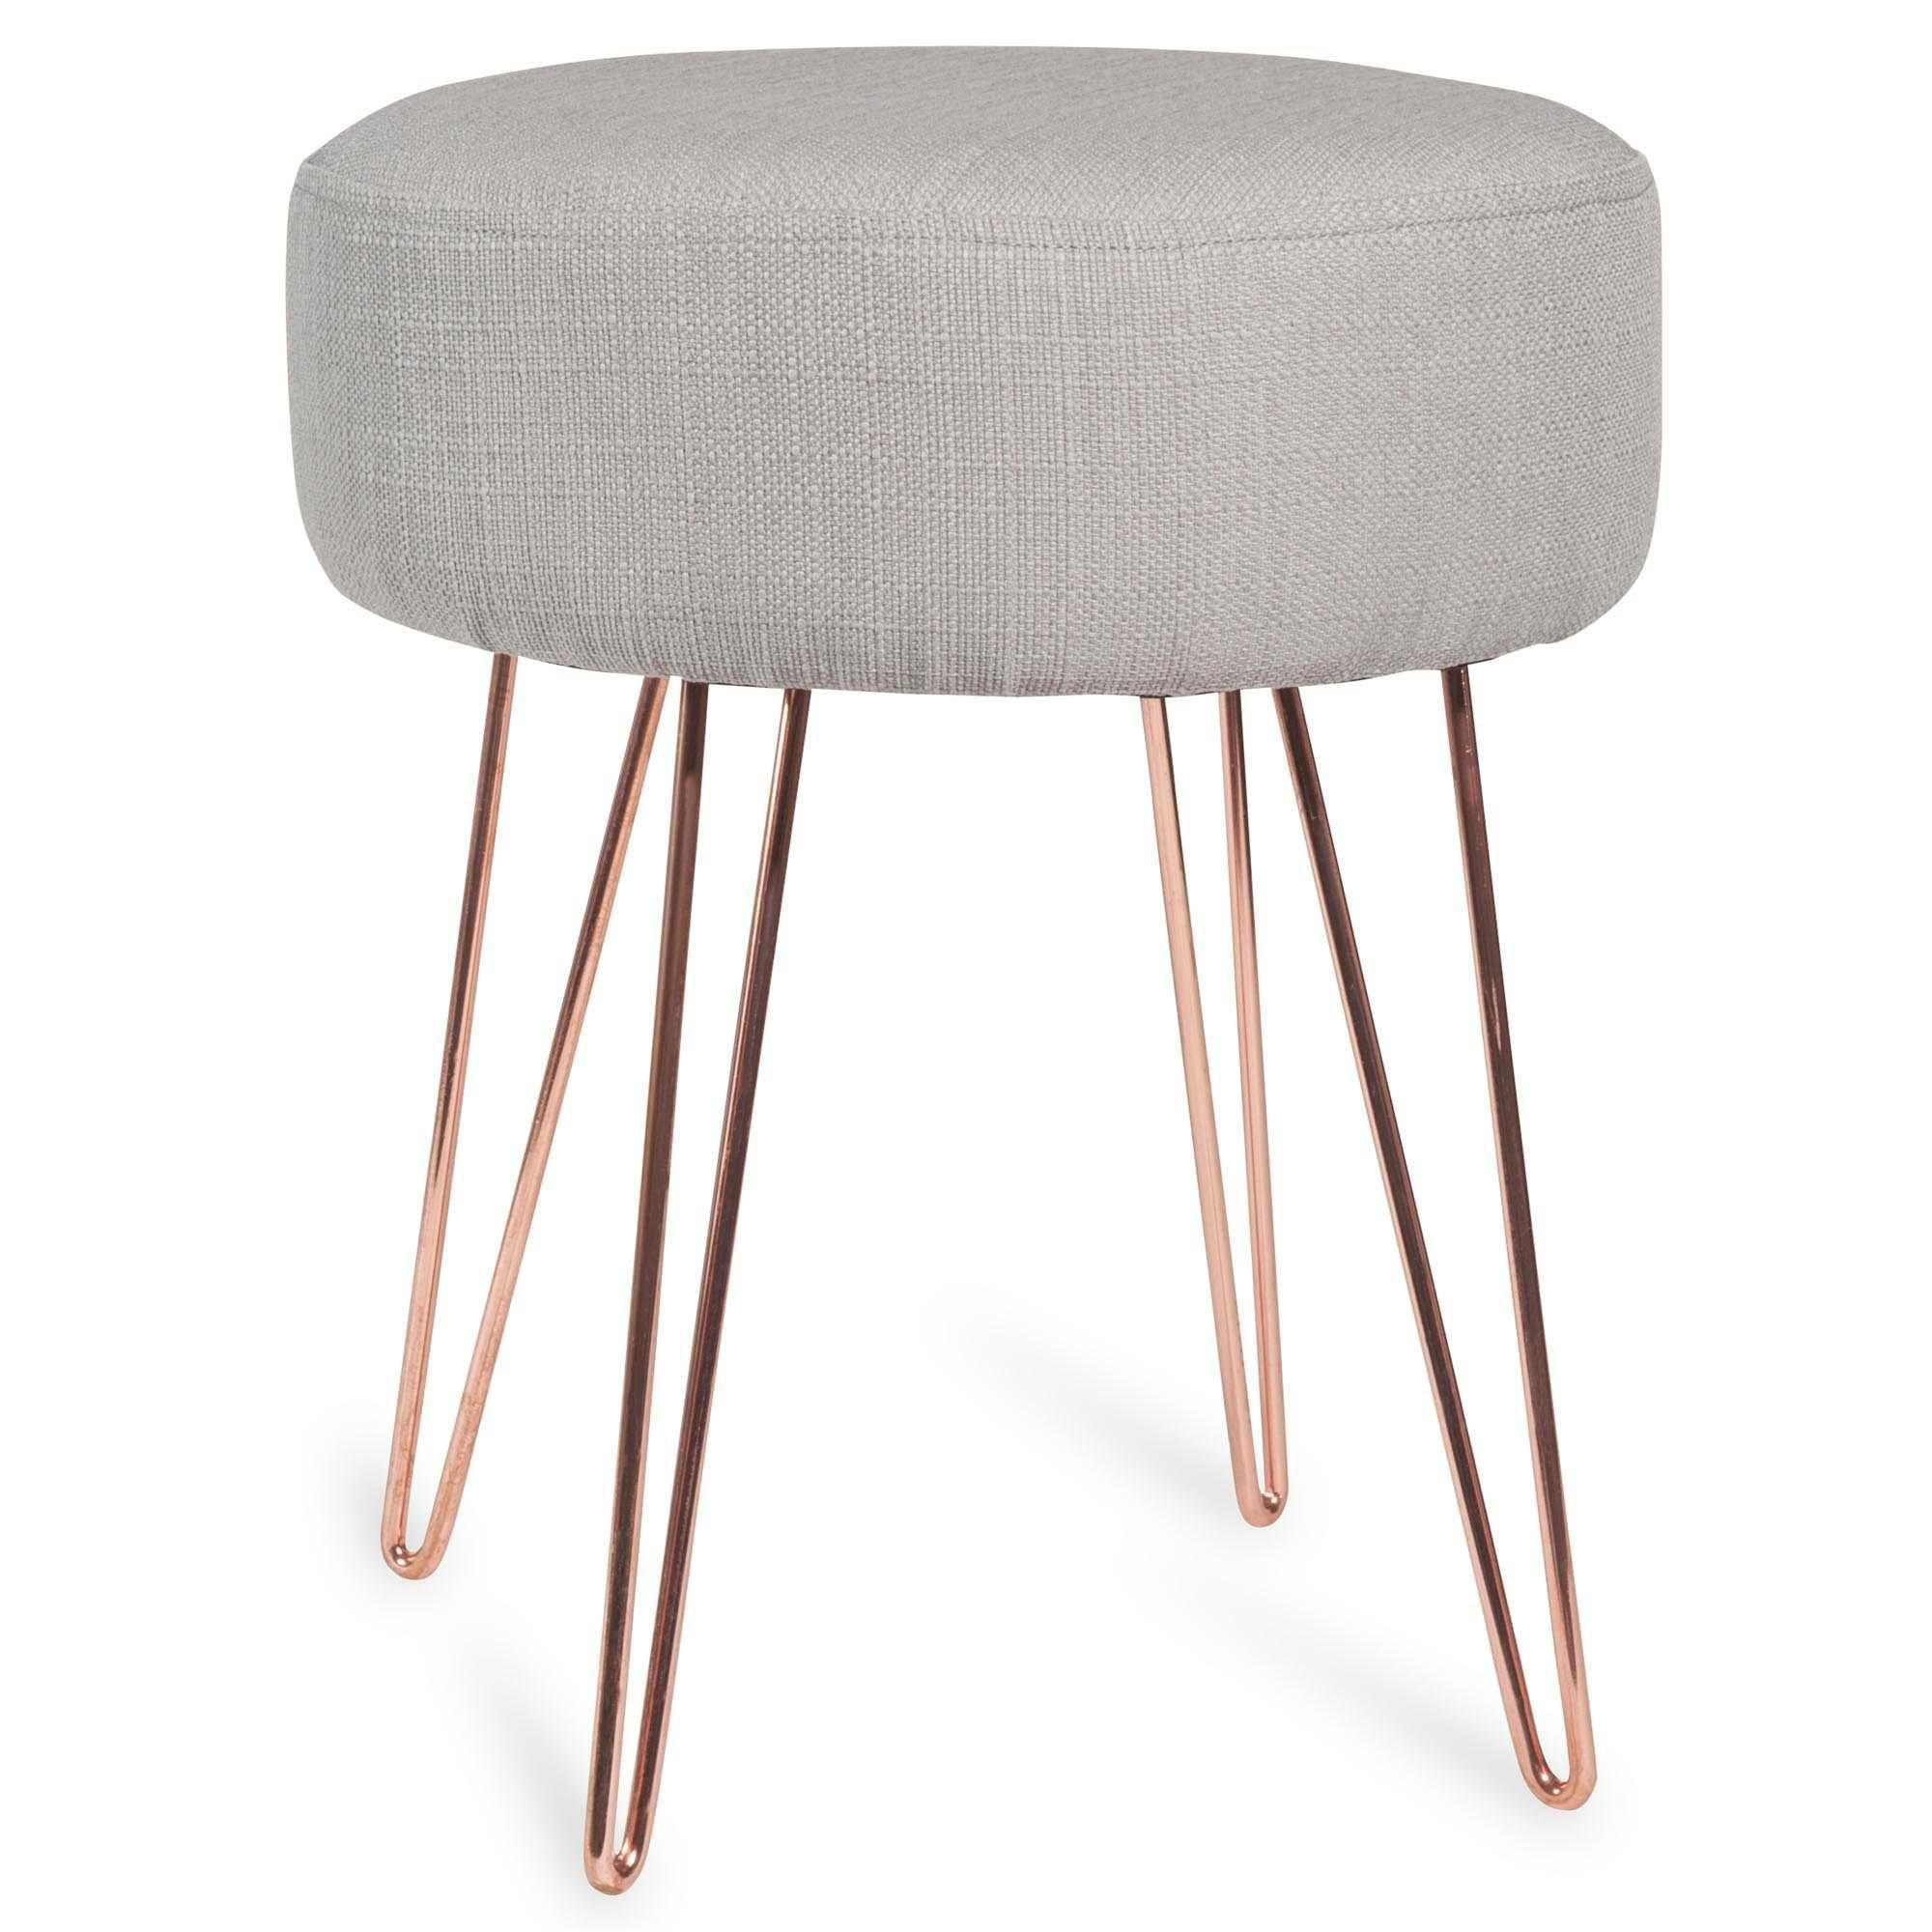 Hocker LULEA aus kupferfarbenem Metall grau auf Maisons du Monde Stöbern Sie in unserer Möbel und Deko Auswahl und schöpfen Sie jede Menge Ideen